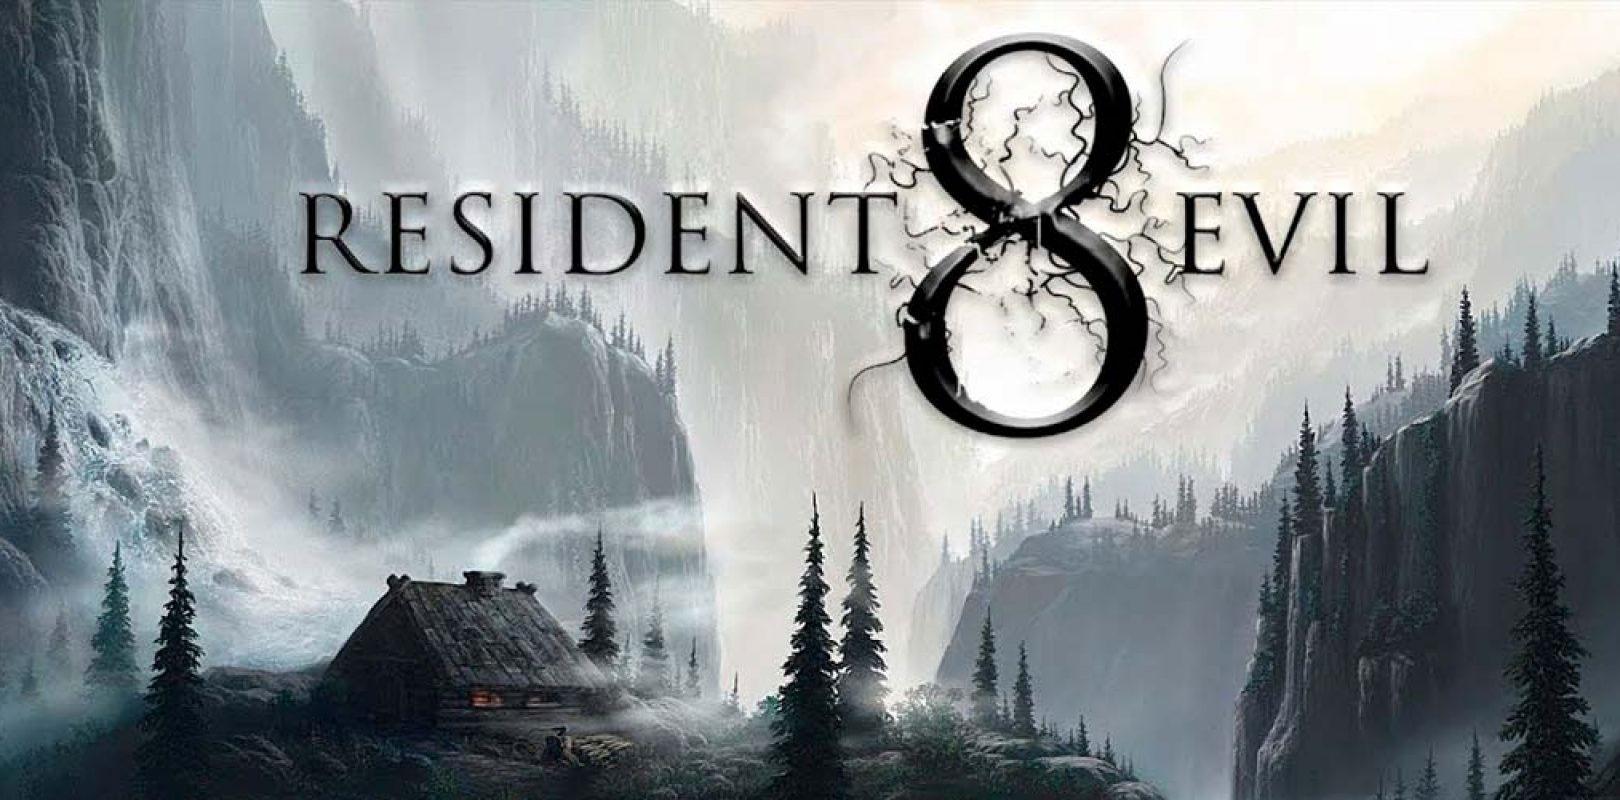 Слух: В 2021 году выйдет новая игра по вселенной Resident Evil. Capcom отменила новую Dino Crisis